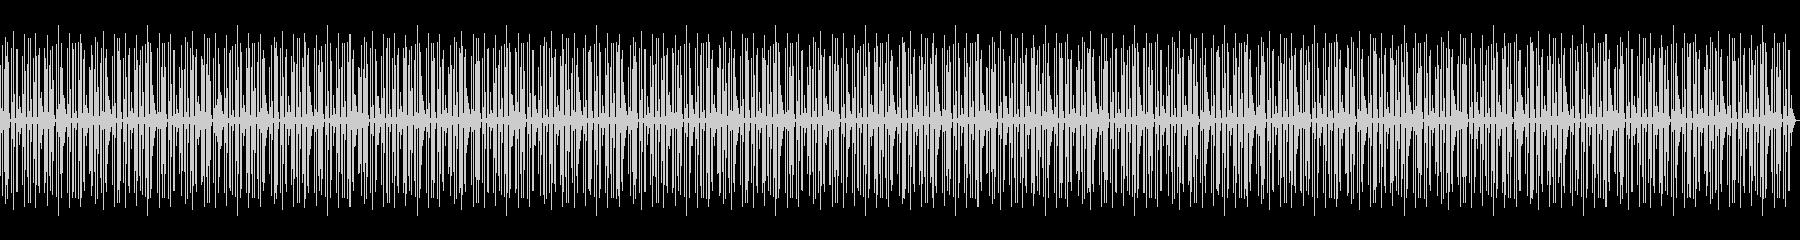 知育・番組・パズル・日常ピアノ35Lの未再生の波形